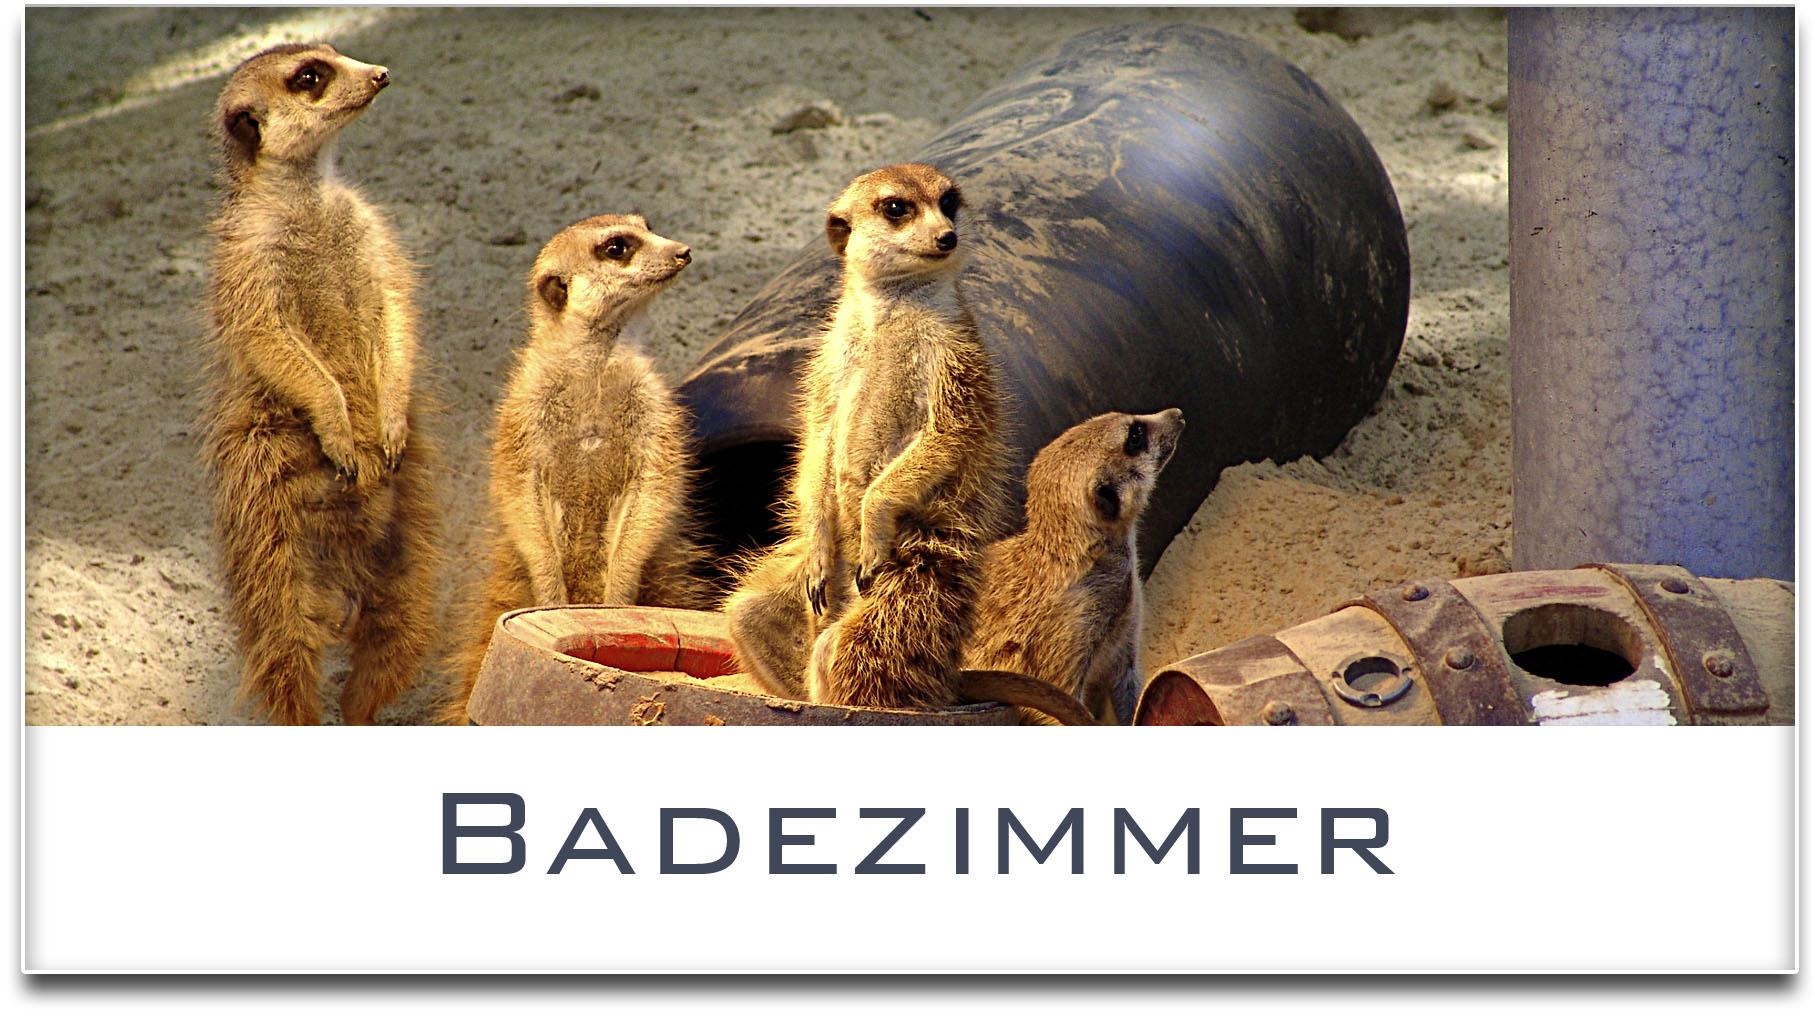 Türschild / Haustürschild / Erdmännchen / Badezimmer / Selbstklebend